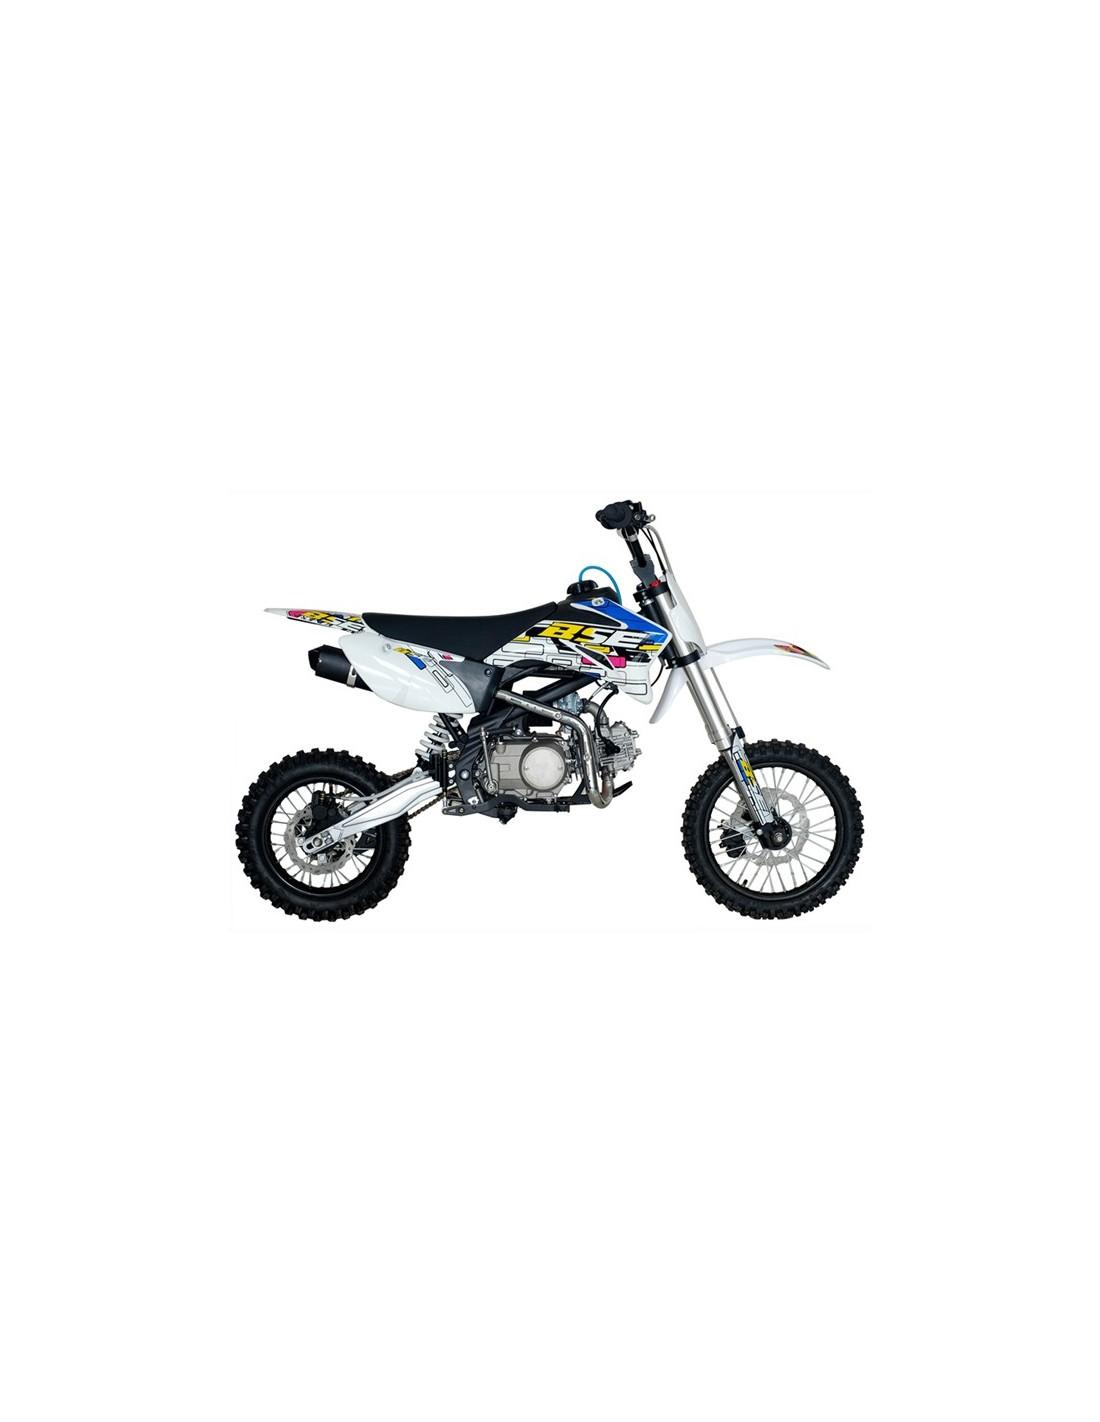 Recherche : Dirt bike orion schéma elec